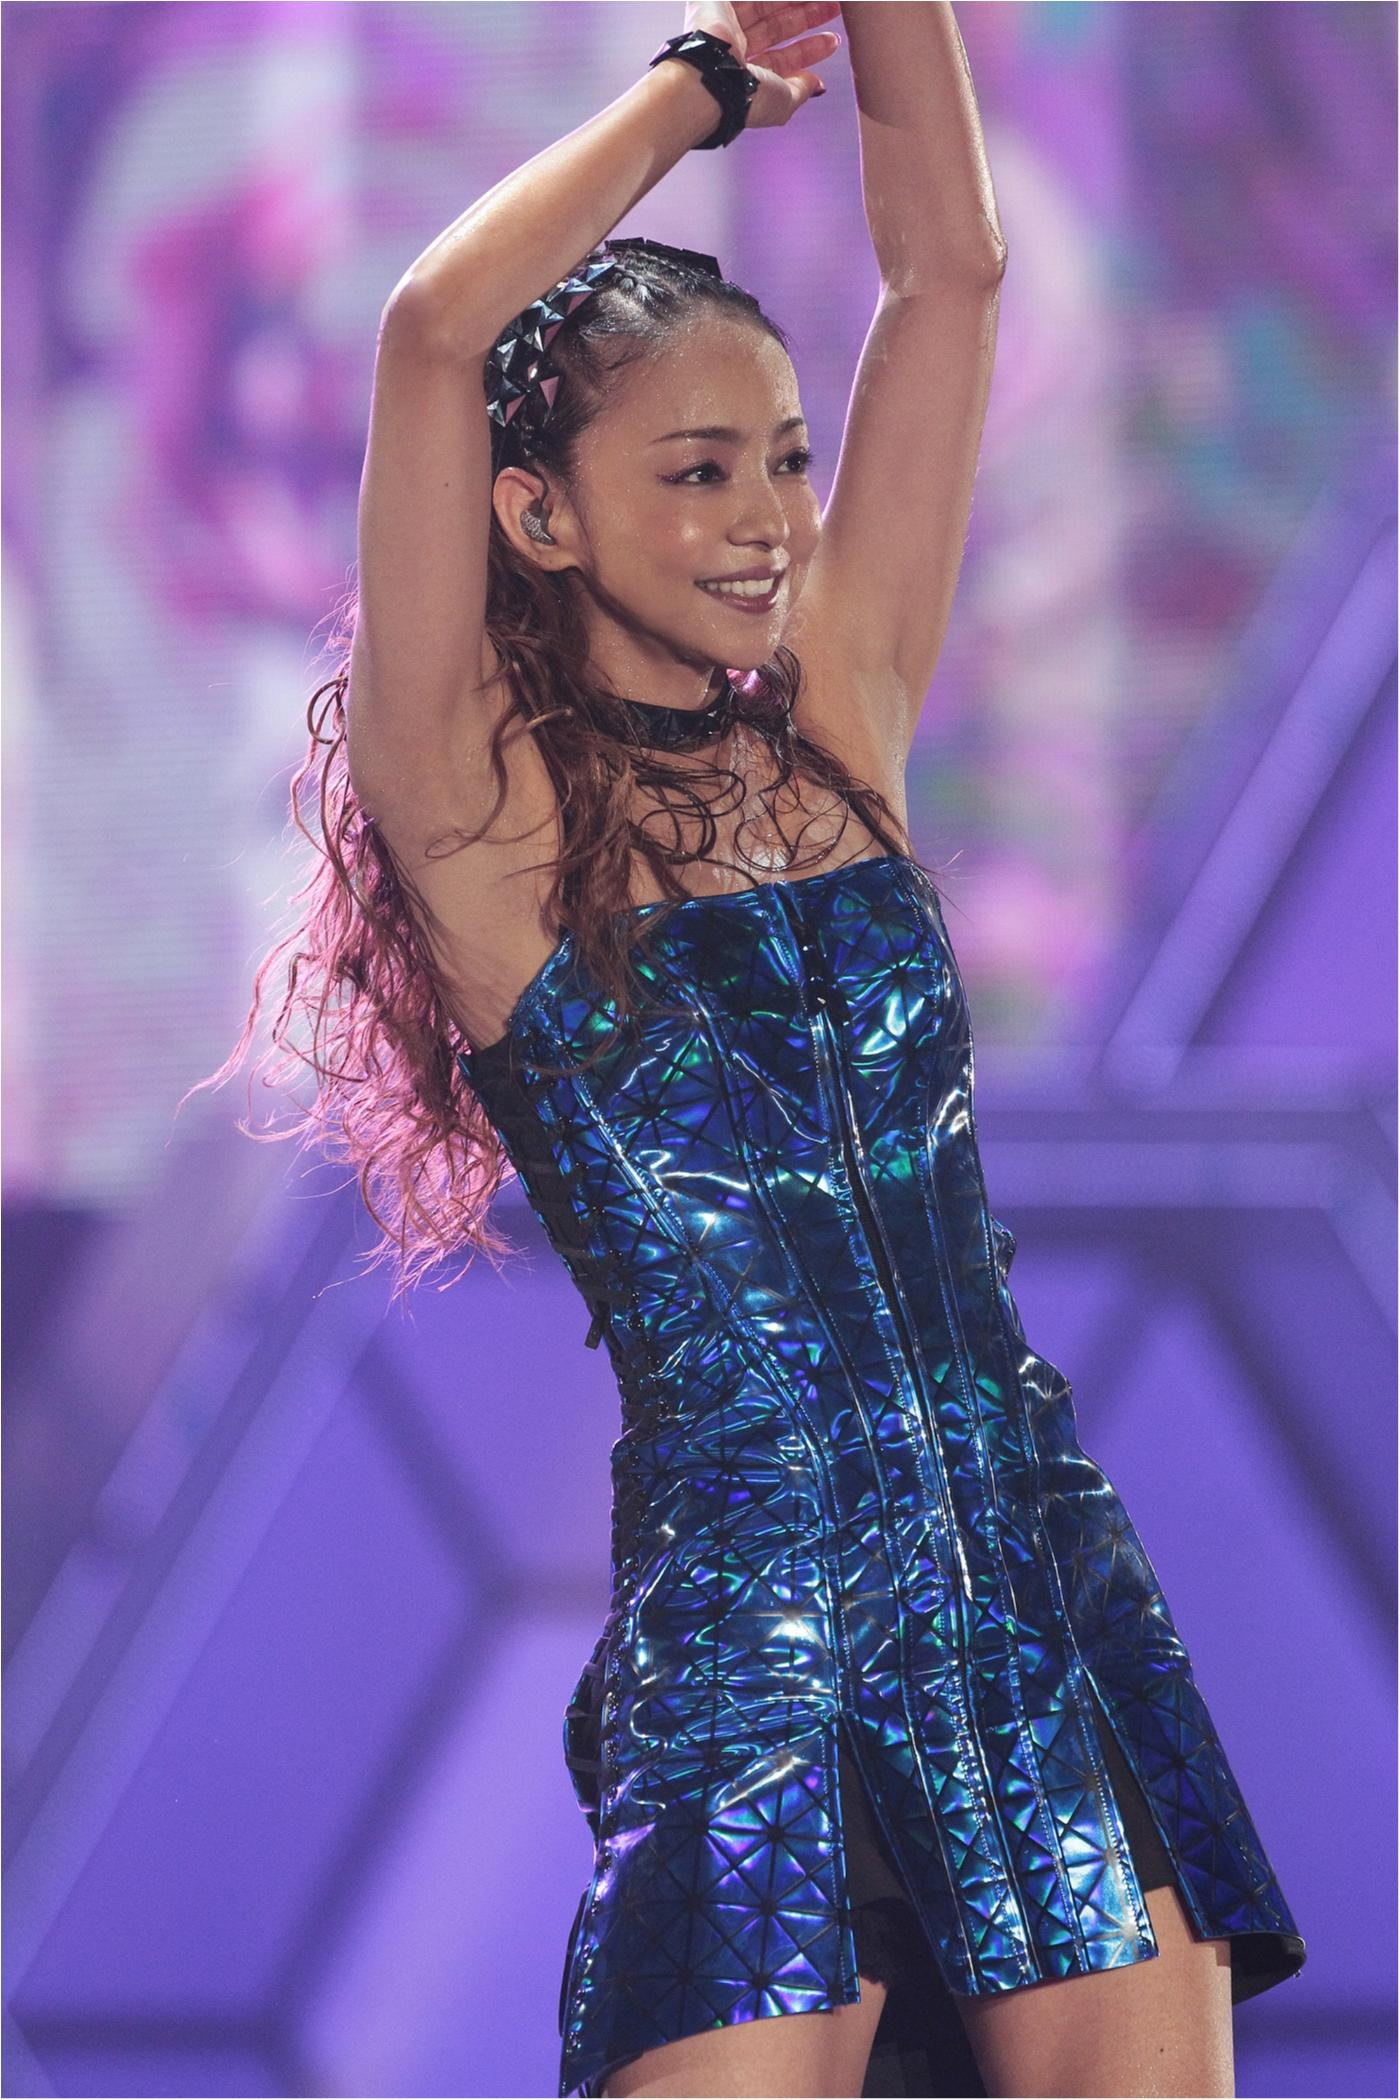 """安室奈美恵さんのツアーファイナルルポ! 彼女のすごさがわかる""""細くて高いもの""""って?_1"""